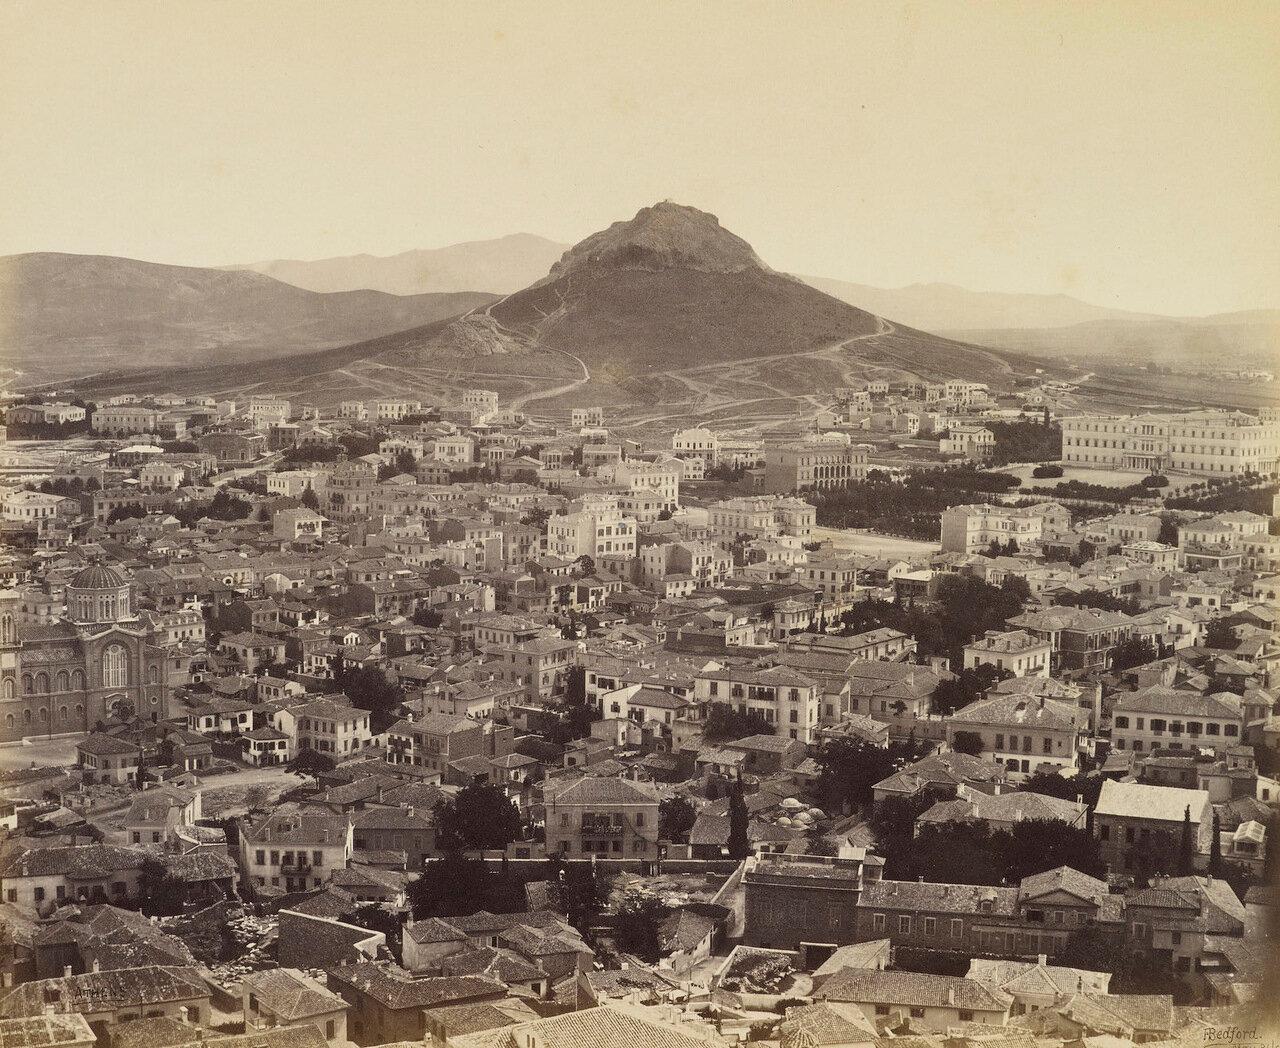 31 мая 1862. Афины, современная часть города